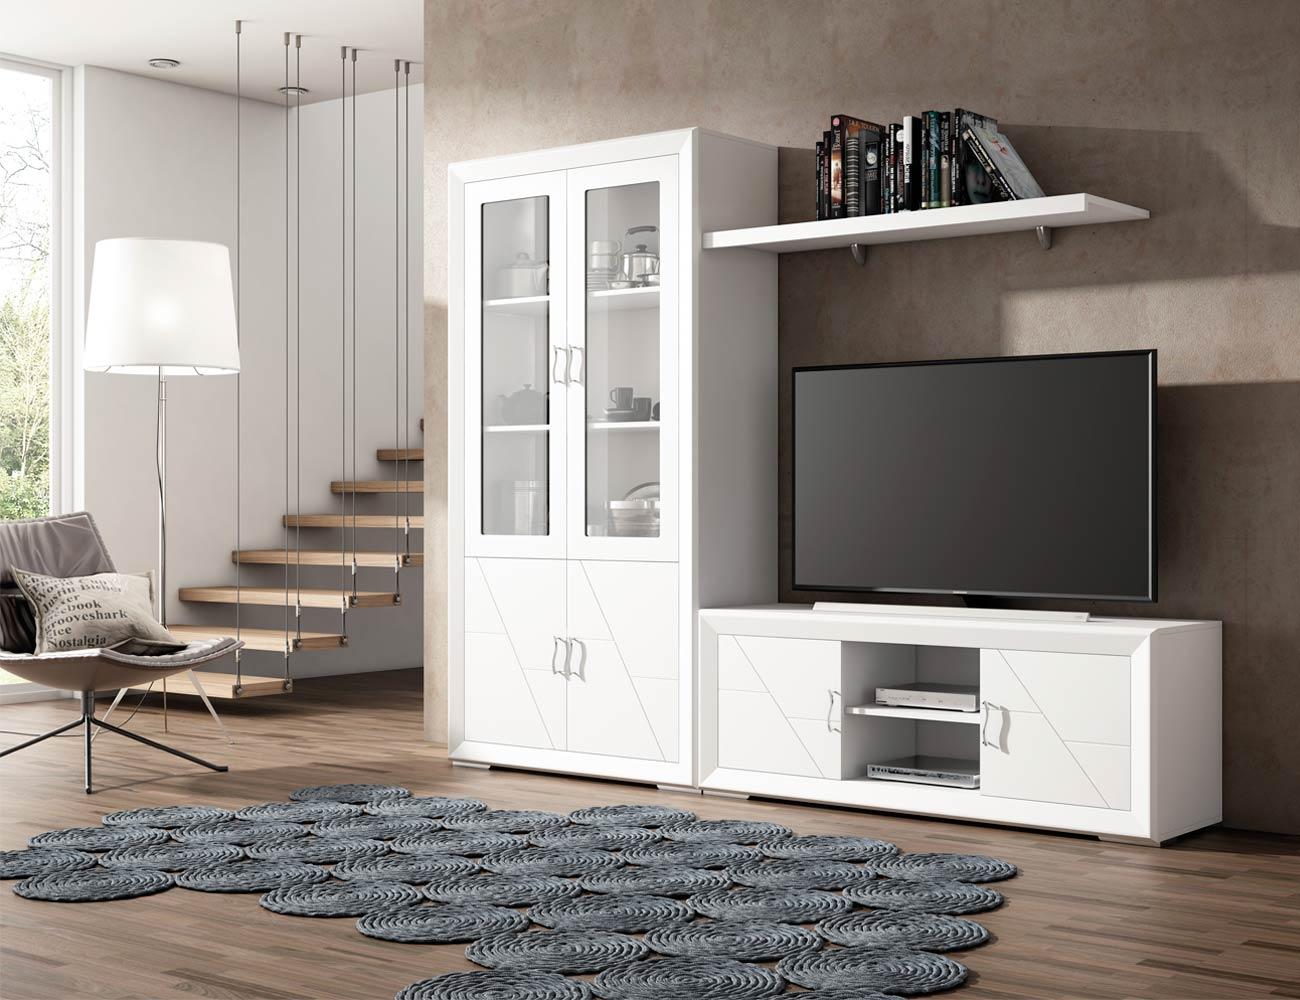 Muebles de gran calidad en madera con vitrina y mesa tv en - Muebles salon blanco y madera ...